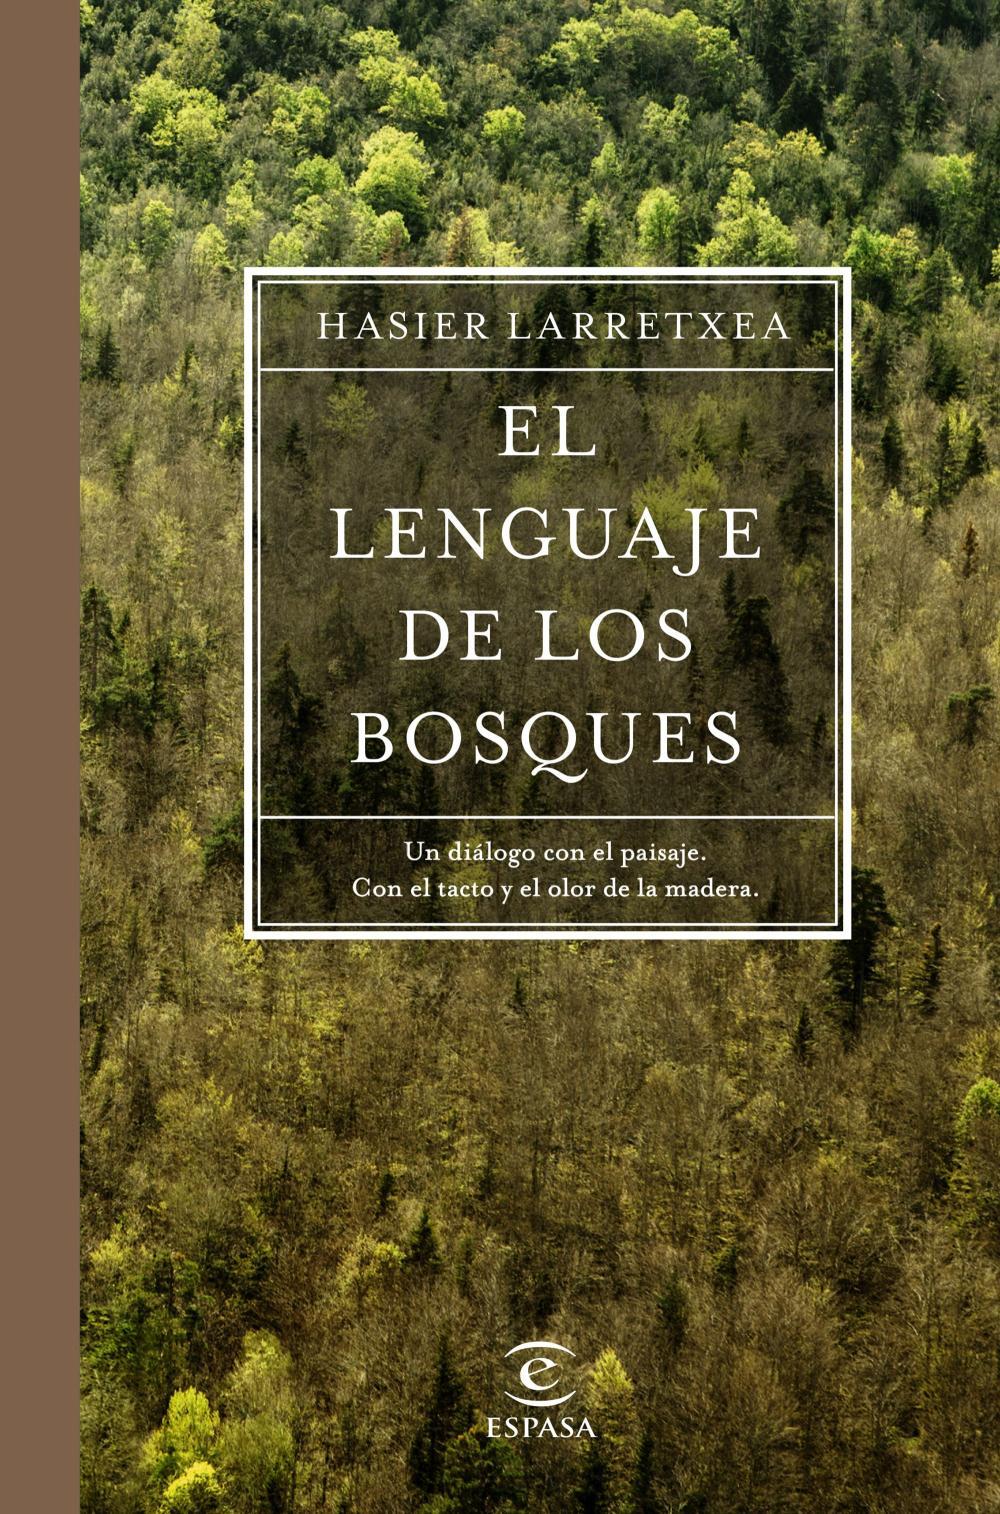 El lenguaje de los bosques